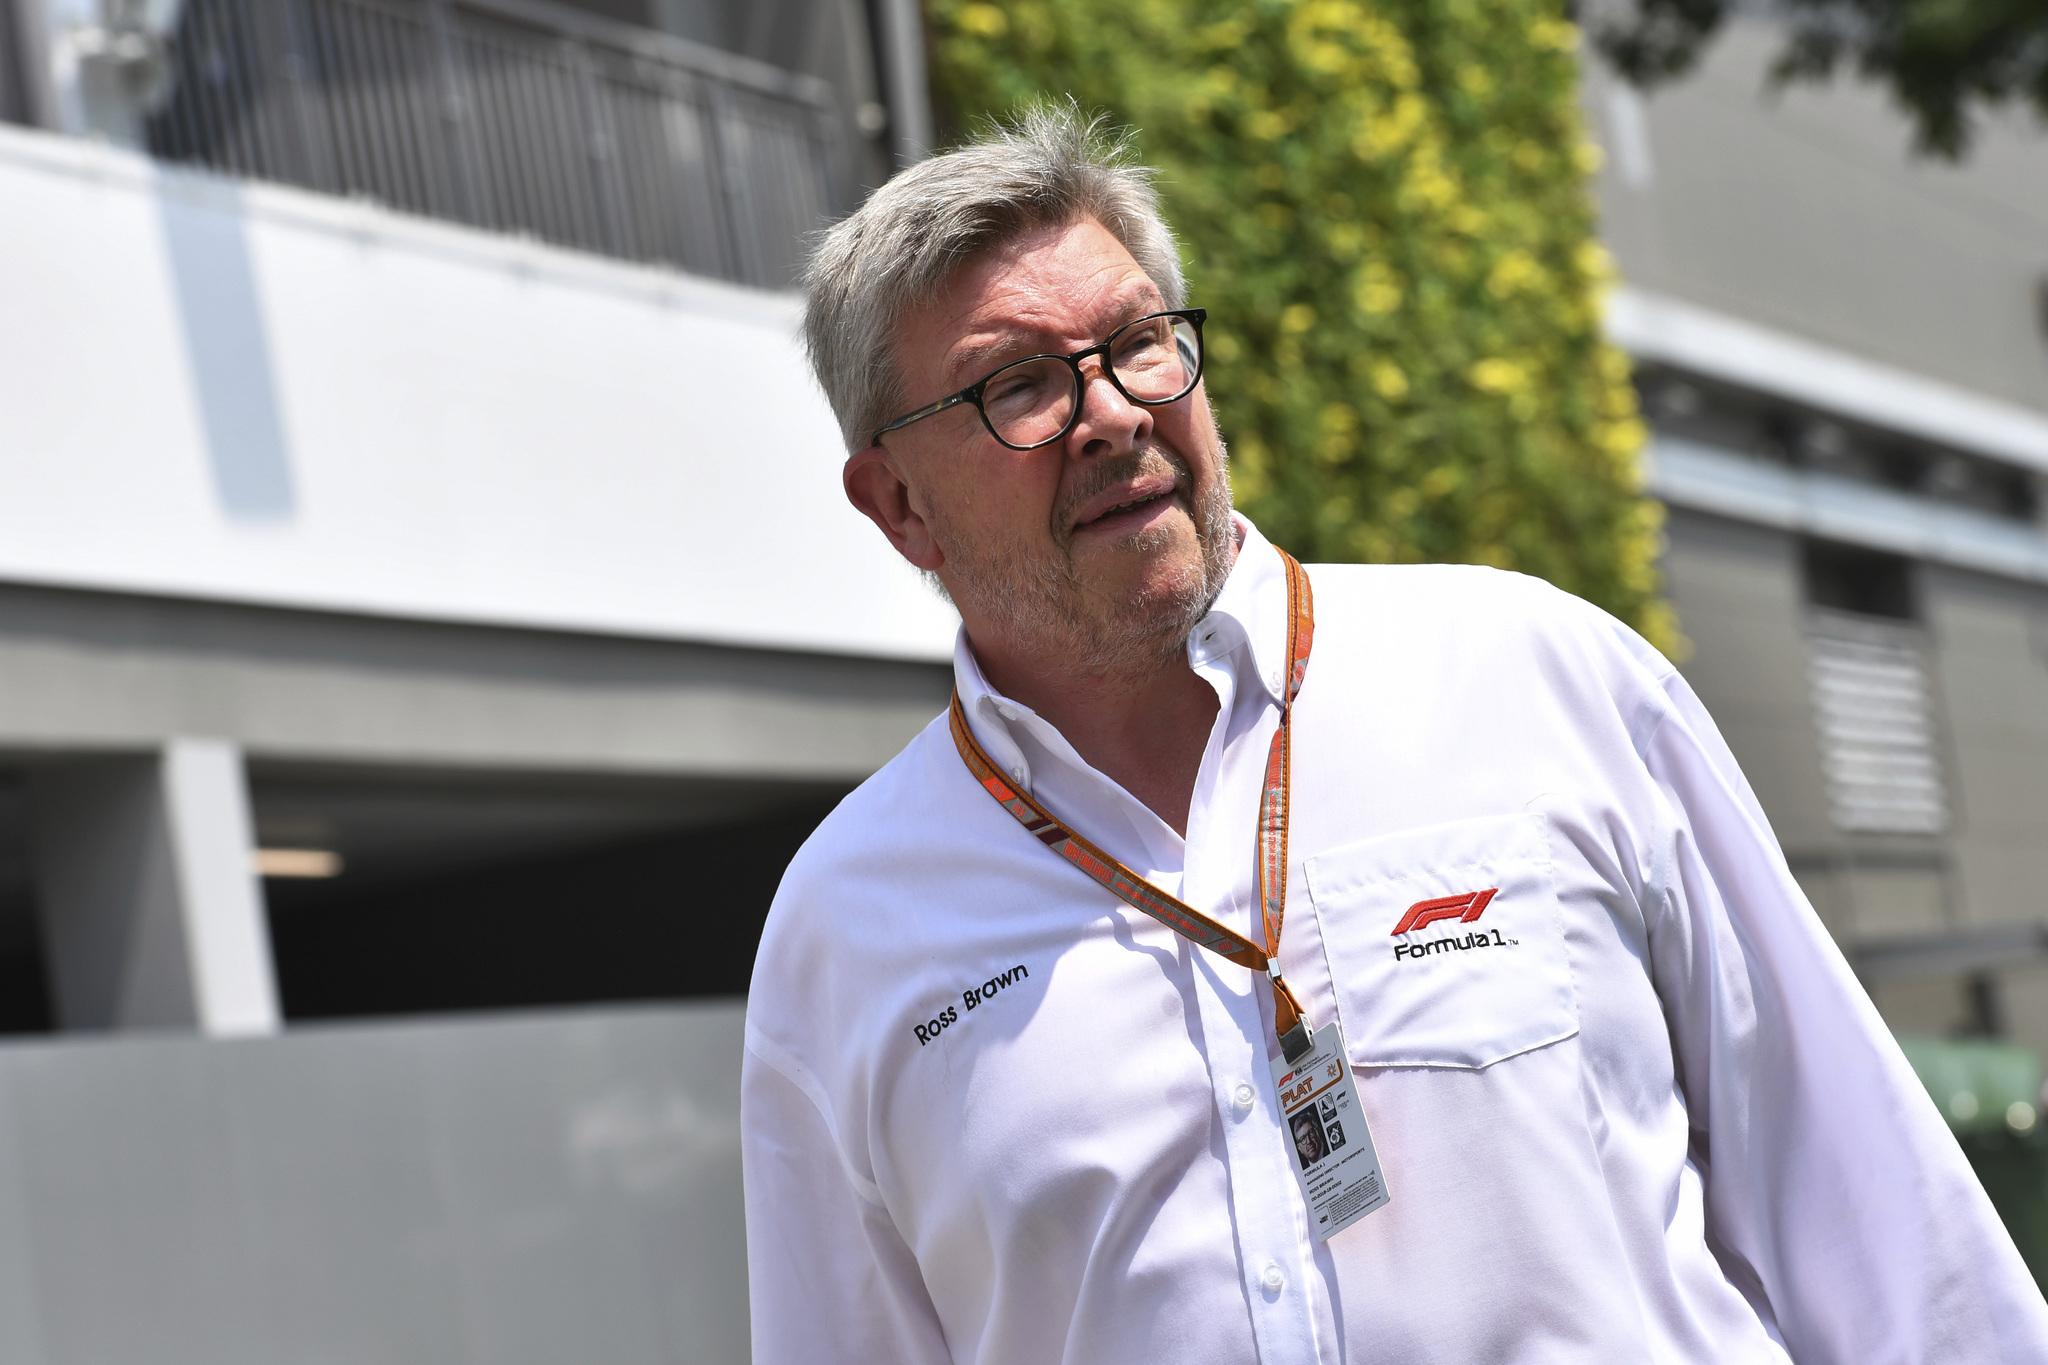 Ross lt;HIT gt;Brawn lt;/HIT gt;, Director General Formula Uno Motorsports. Gran Premio de Singapur 2018. 15ª prueba del mundial. Circuito callejero de Marina Bay, Singapur. Viernes 14 de Septiembre, 2018. *** Local Caption *** RUBIO